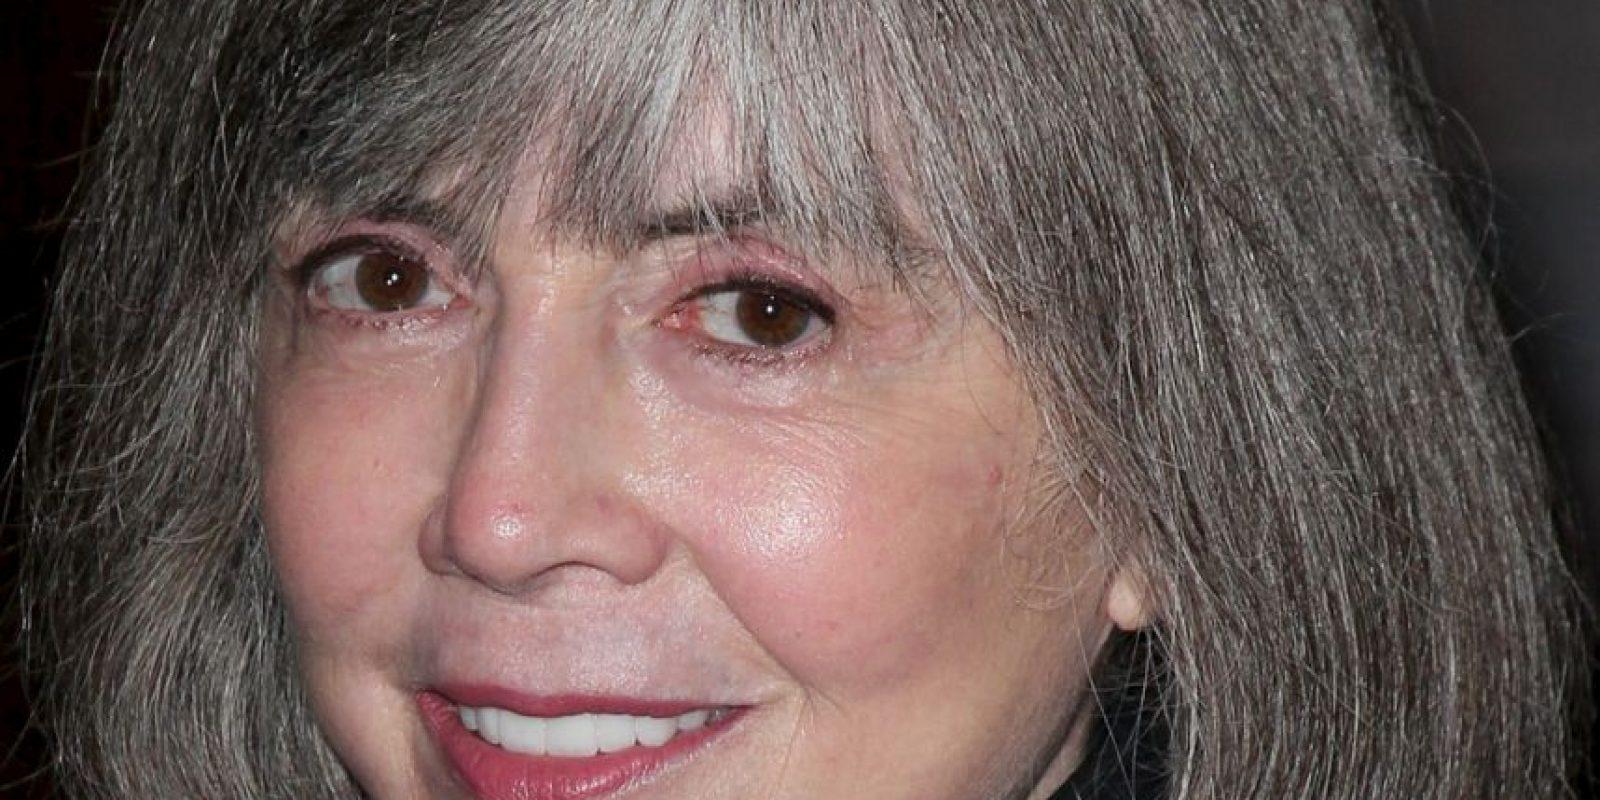 """Anne Rice, autora de las legendarias """"Crónicas Vampíricas"""", defendió al libro, diciendo que por primera vez las mujeres podían hablar de sus fantasías sexuales. También la apoyó Debby Hebernick, académica de la Universidad de Indiana, en este postulado. Foto:vía Getty Images"""